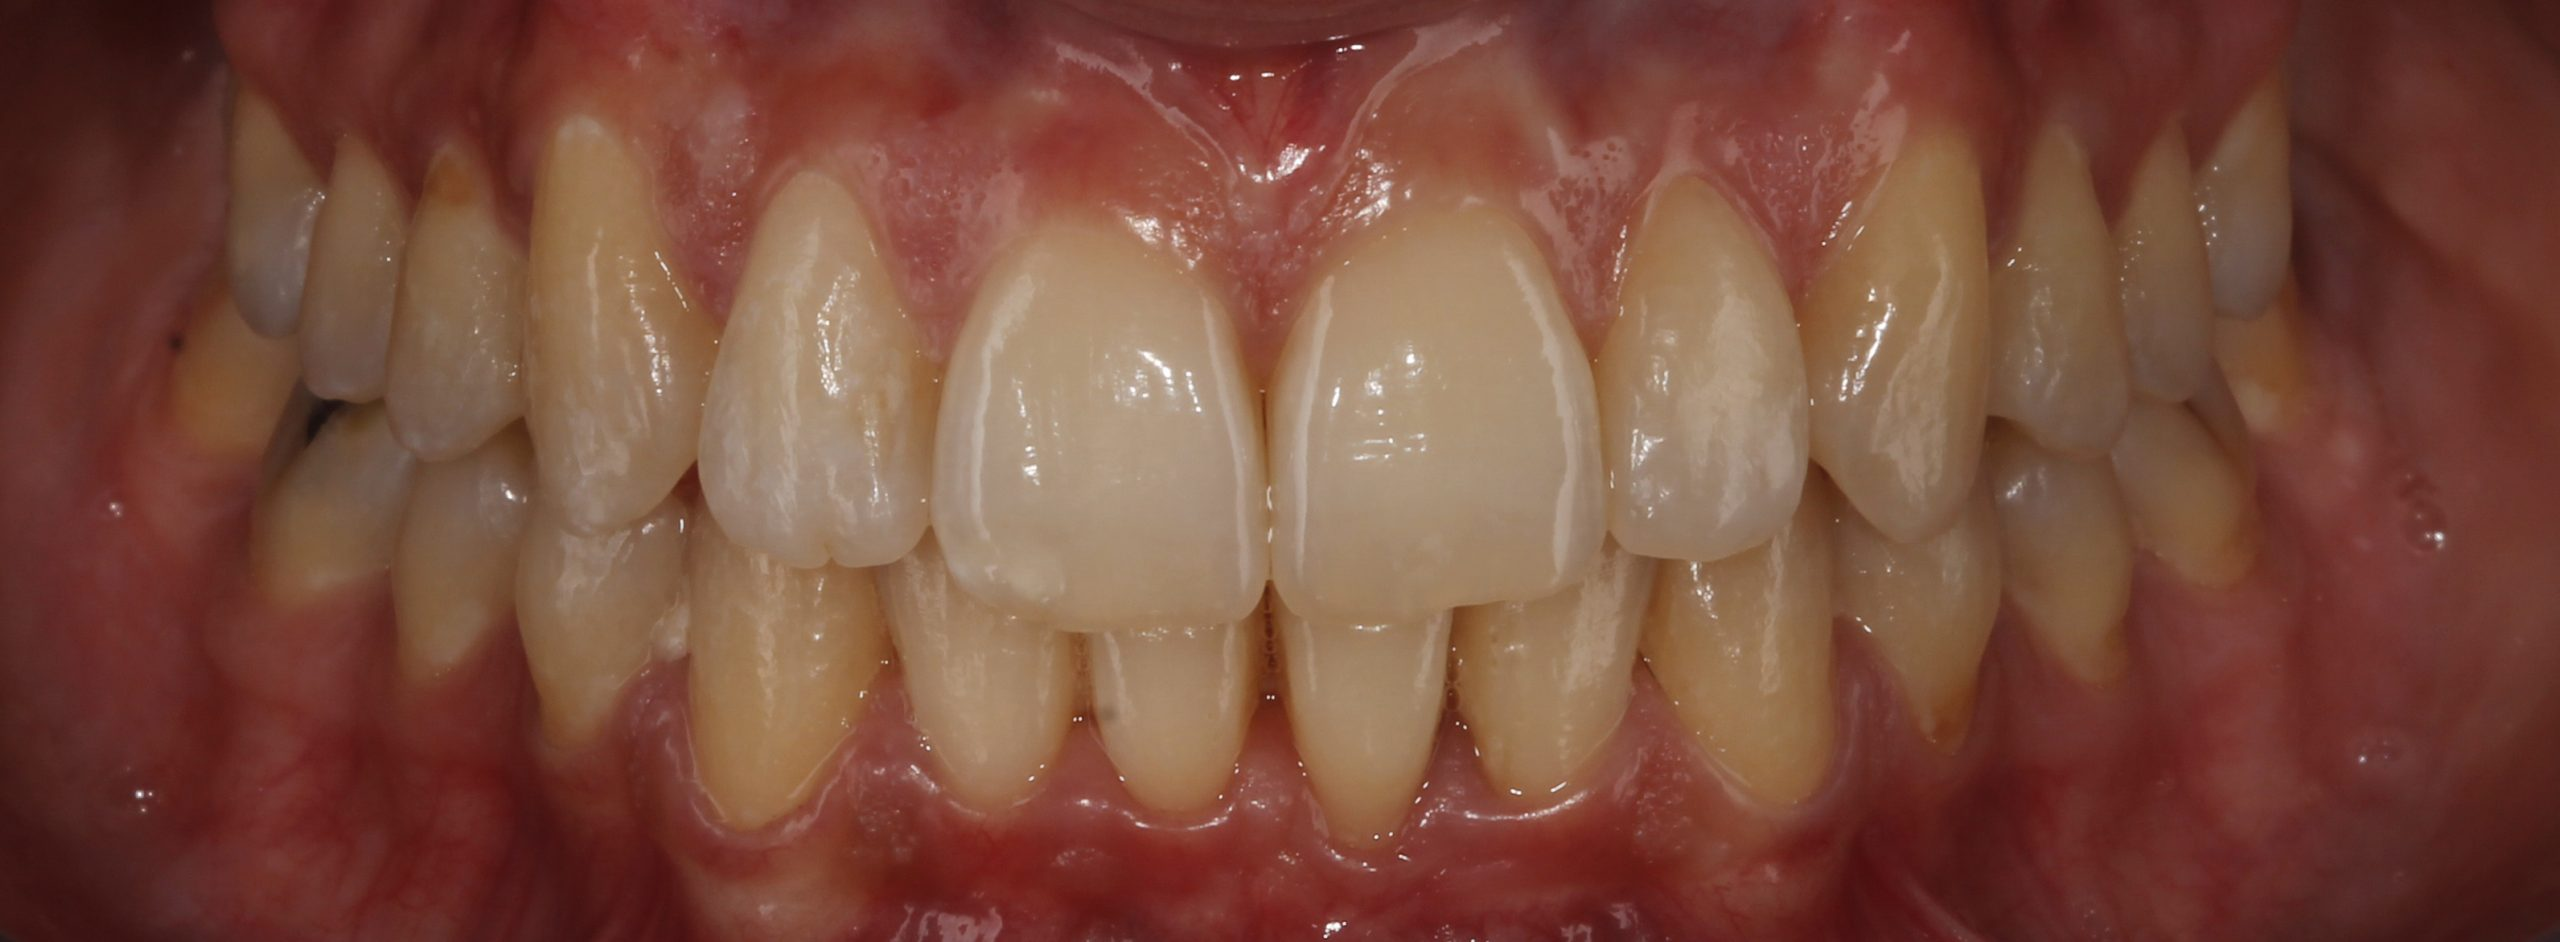 Apiñamiento dental solucionado con ortodoncia invisible